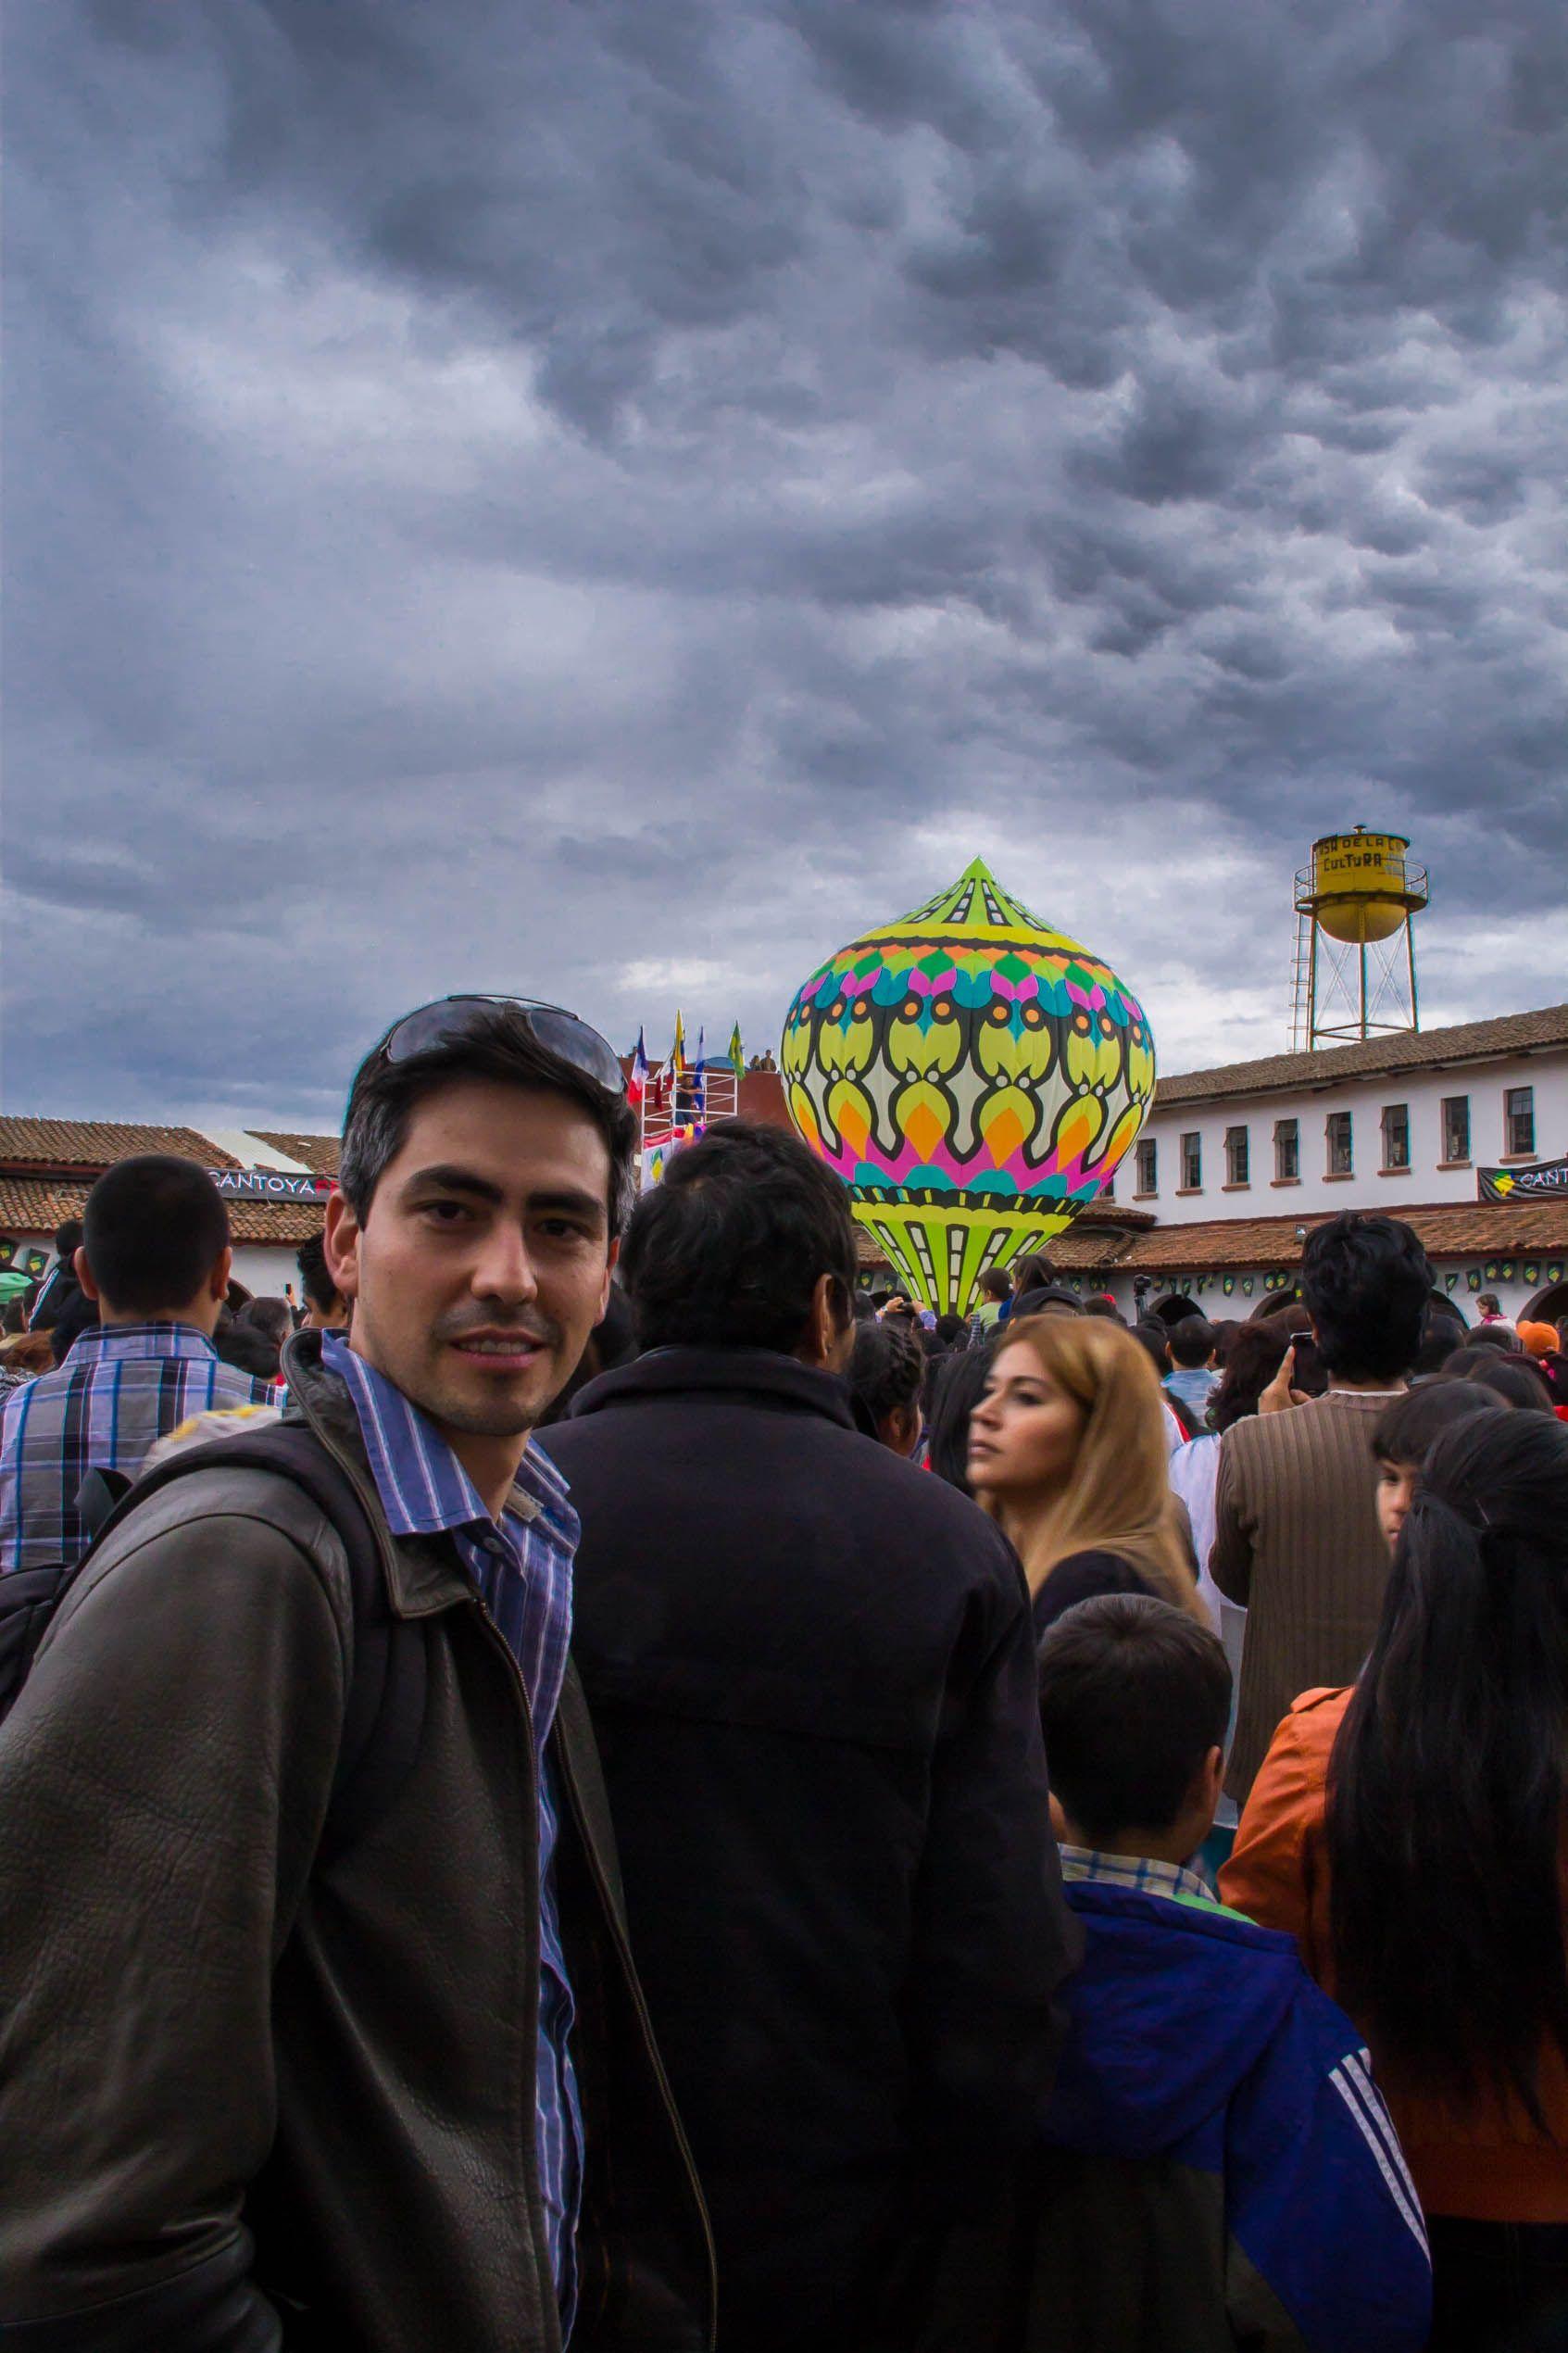 Cantoya Fest, Paracho, Michoacán